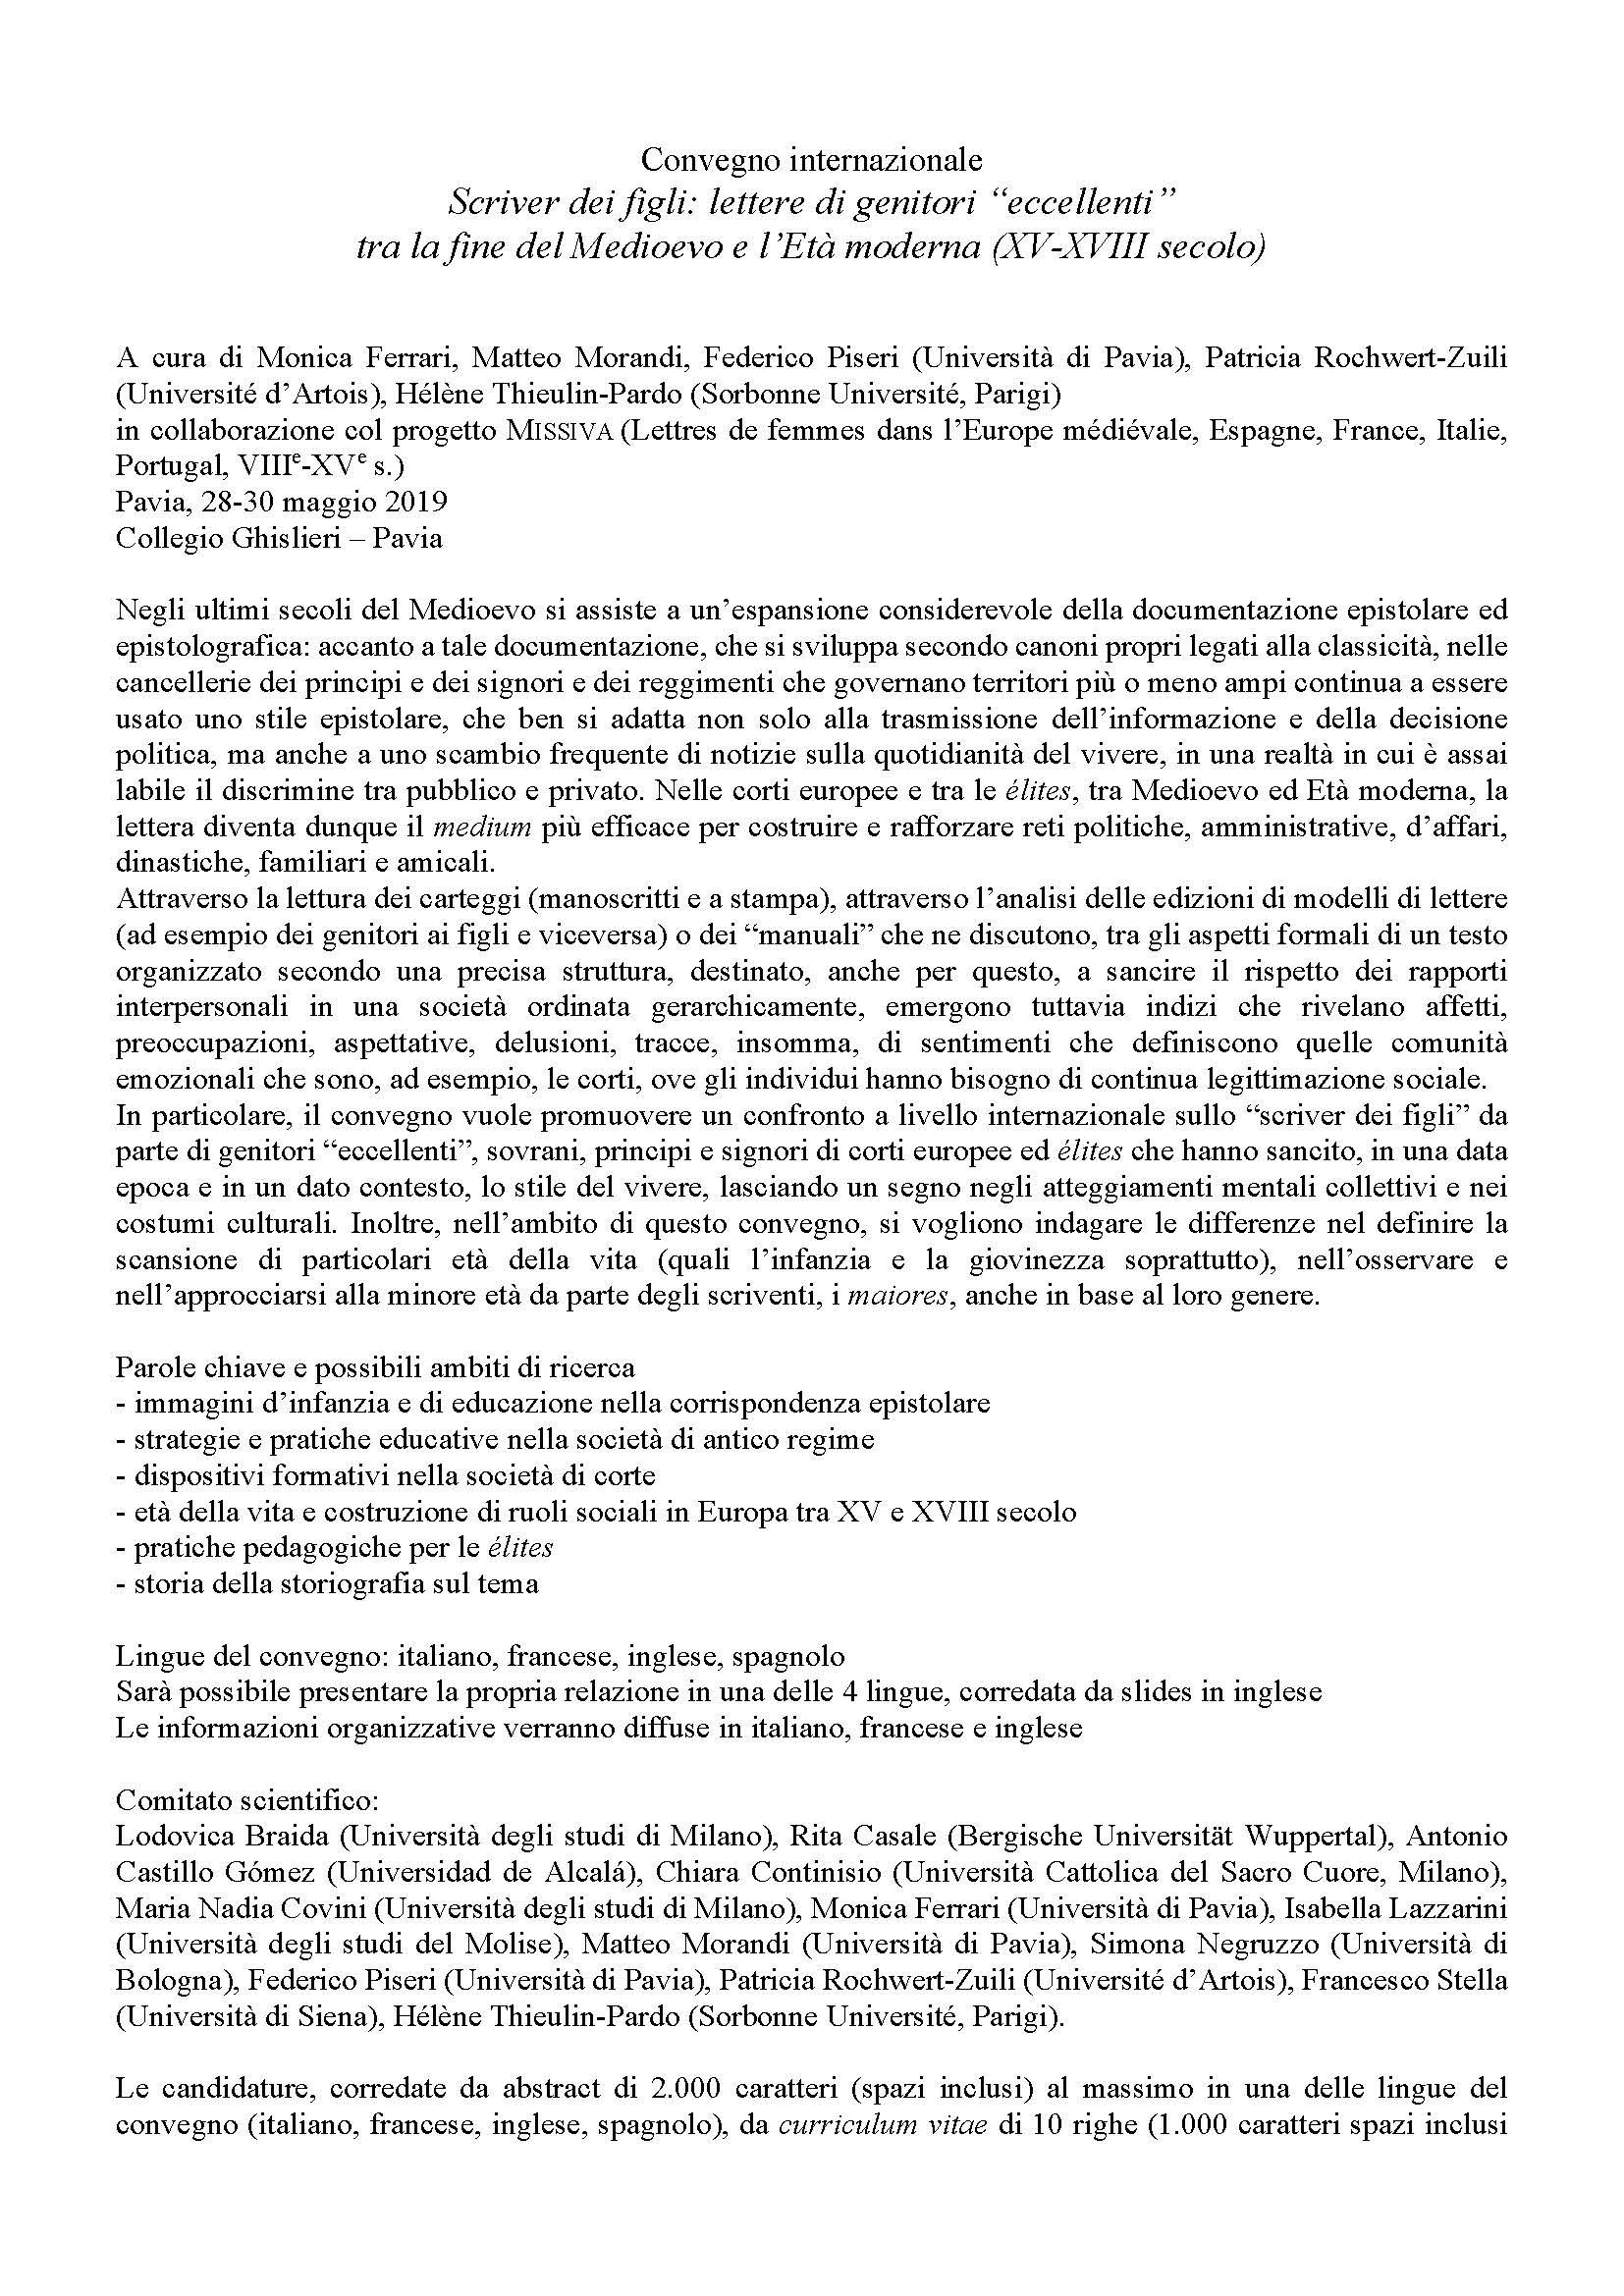 """Call for paper per il Convegno internazionale """"Scriver dei figli. Lettere di genitori 'eccellenti' tra la fine del Medioevo e l'Età moderna (XV-XVIII secolo)"""" – 28-30 maggio 2019, Pavia"""